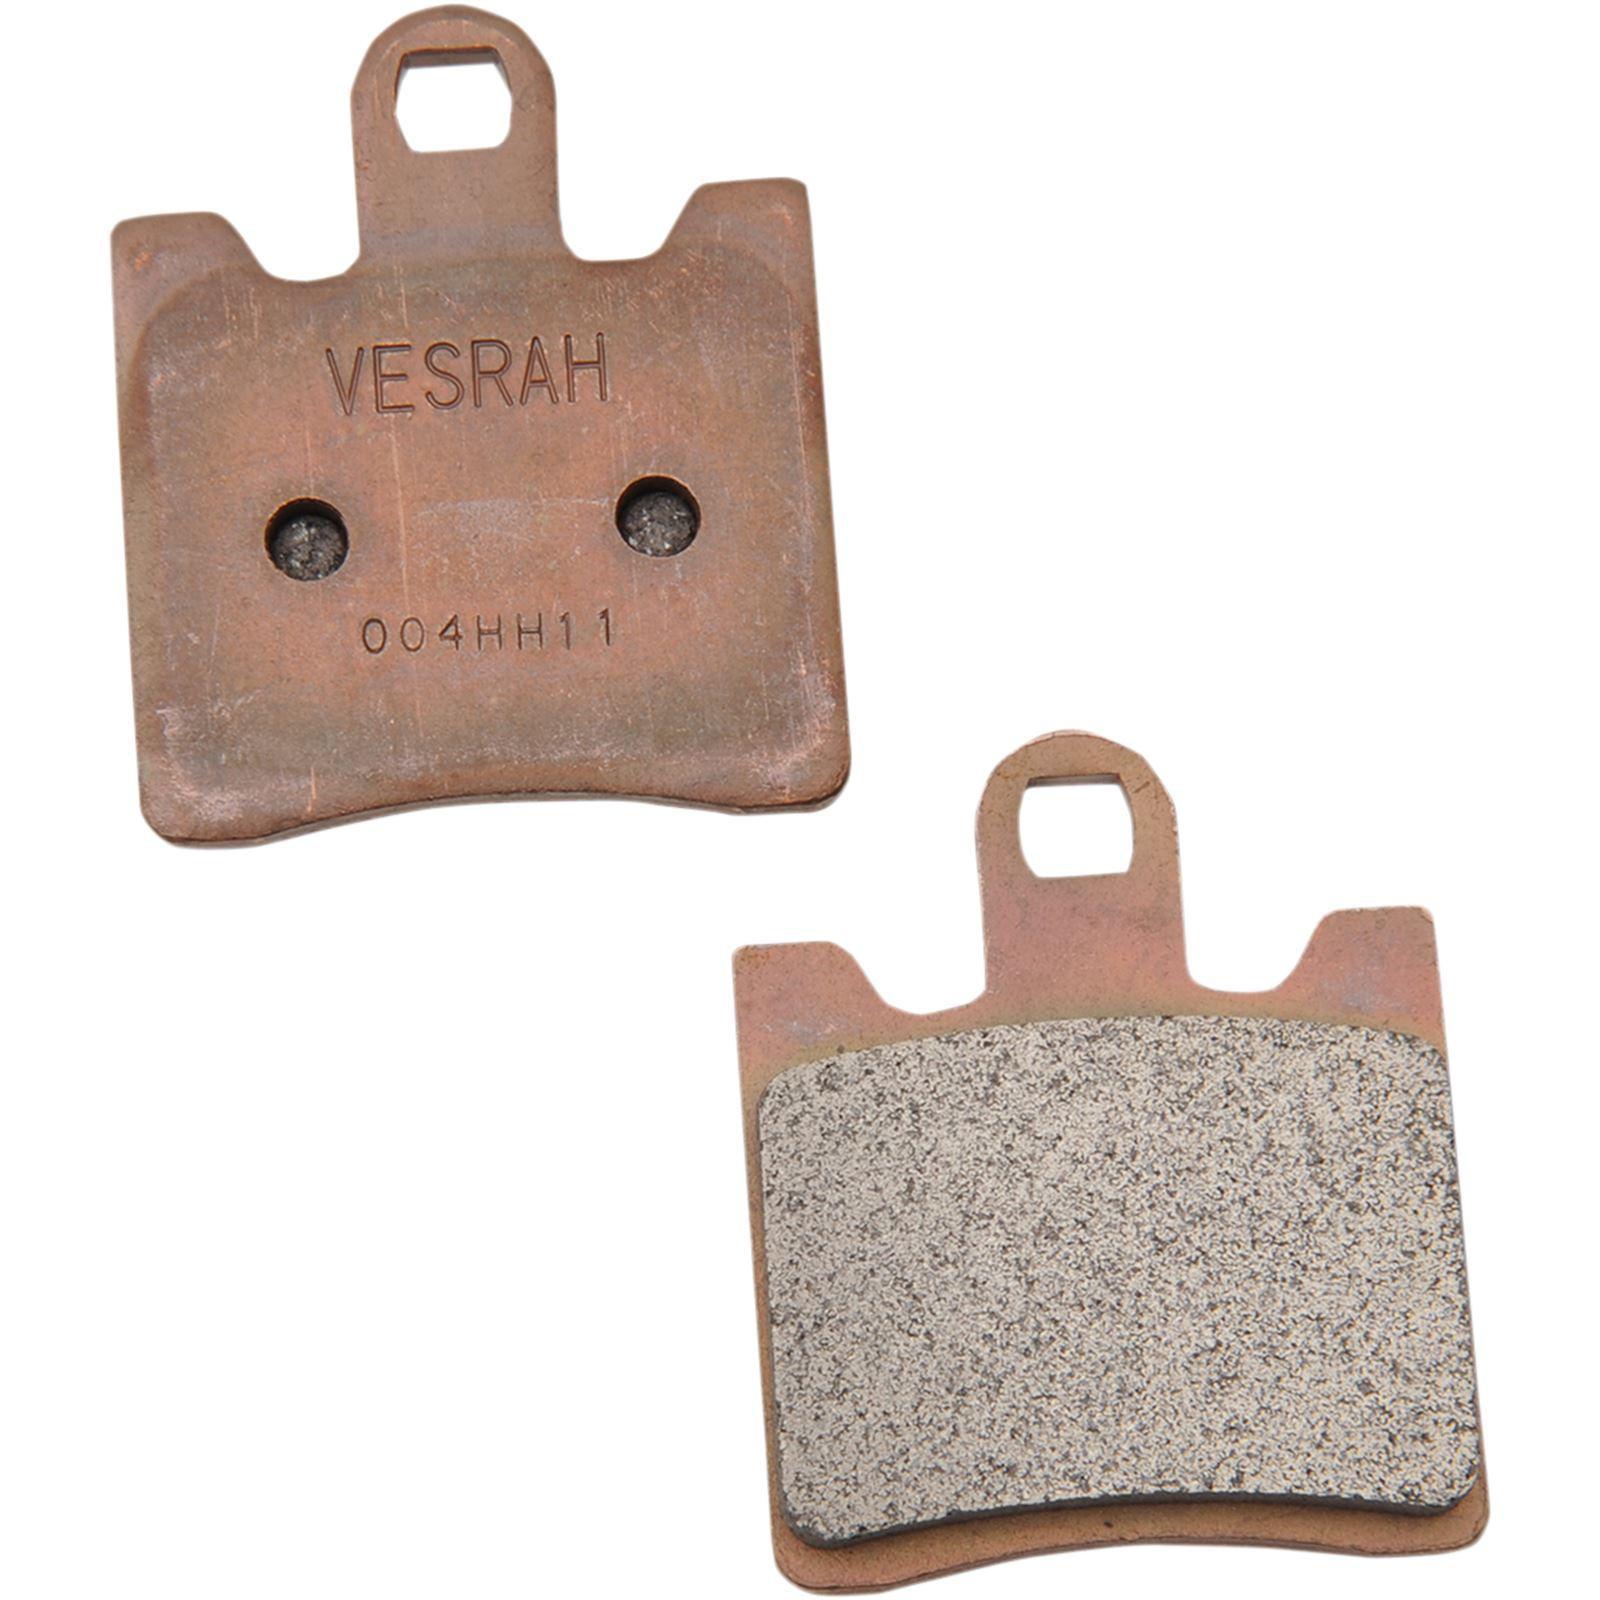 Vesrah JL Sintered Metal Brake Pads - VD-353JL